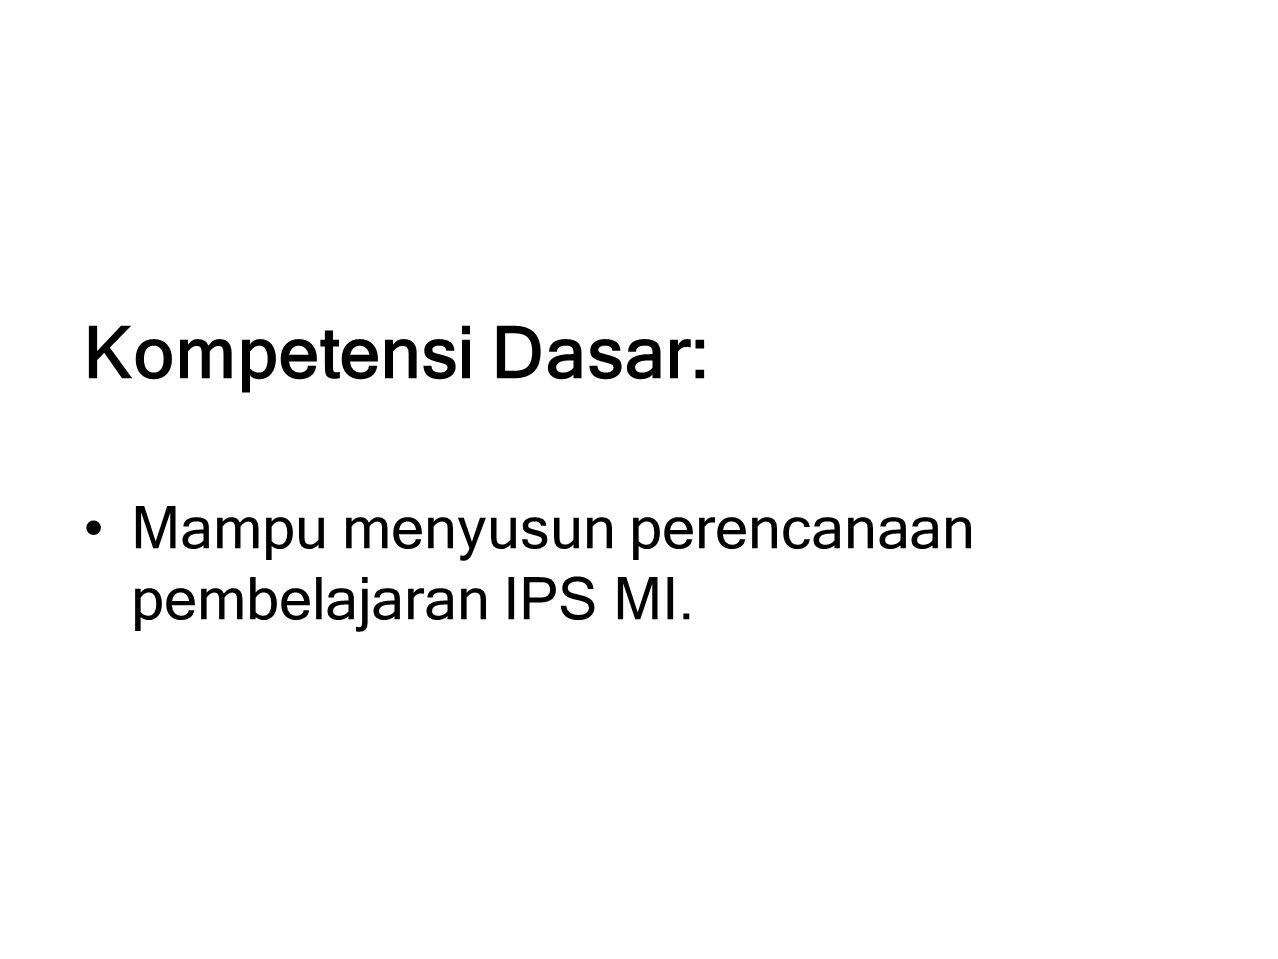 INDIKATOR 1.Menjelaskan komponen perencanaan pembelajaran IPS MI 2.Menjelaskan langkah-langkah penyusunan perencanaan pembelajaran IPS MI 3.Mengembangkan silabus IPS MI 4.Menyusun RPP IPS MI